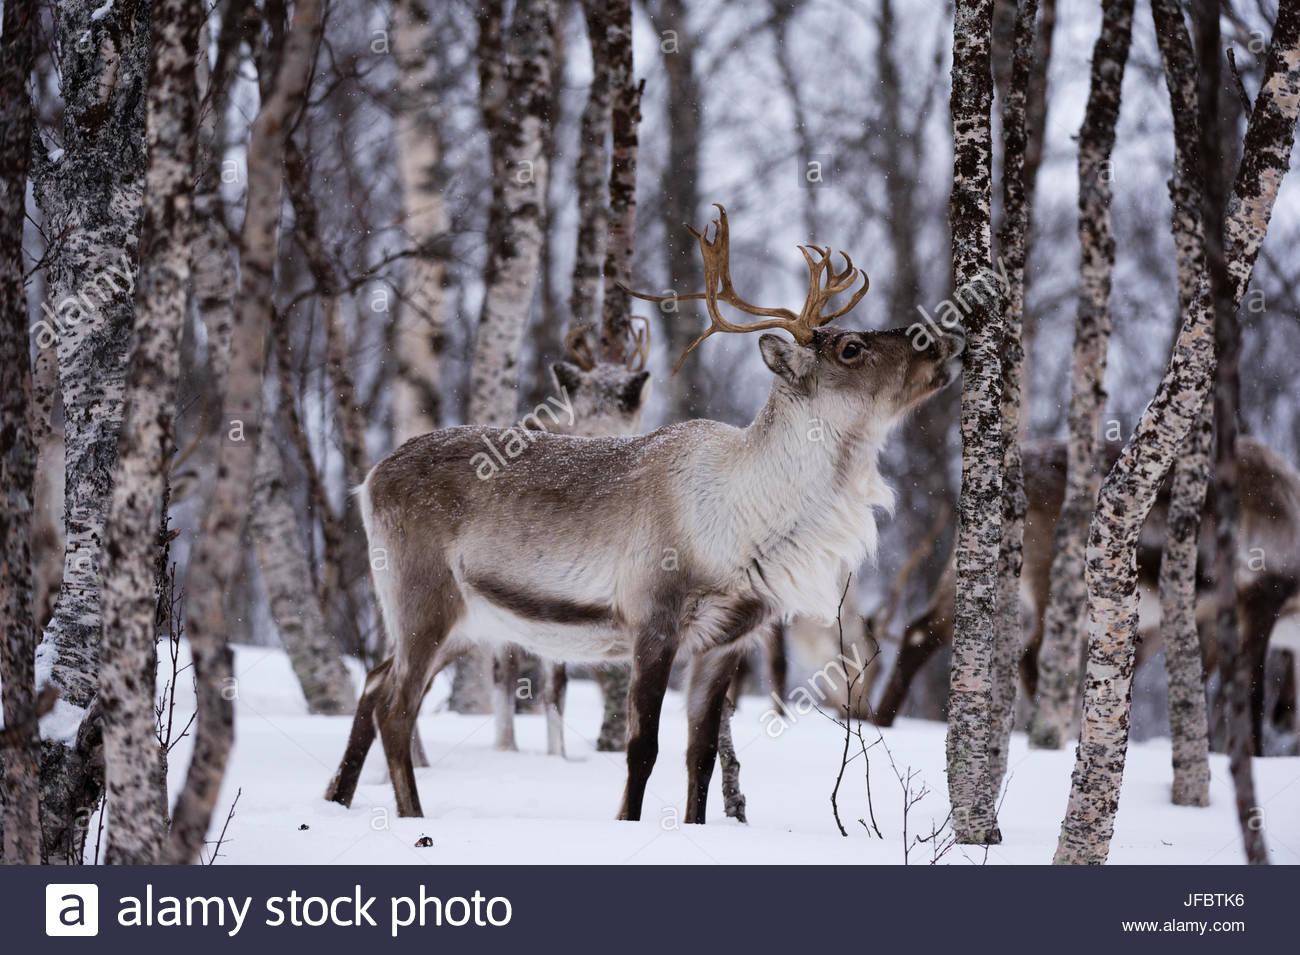 Un renne, Rangifer tarandus, dans une forêt enneigée. Photo Stock